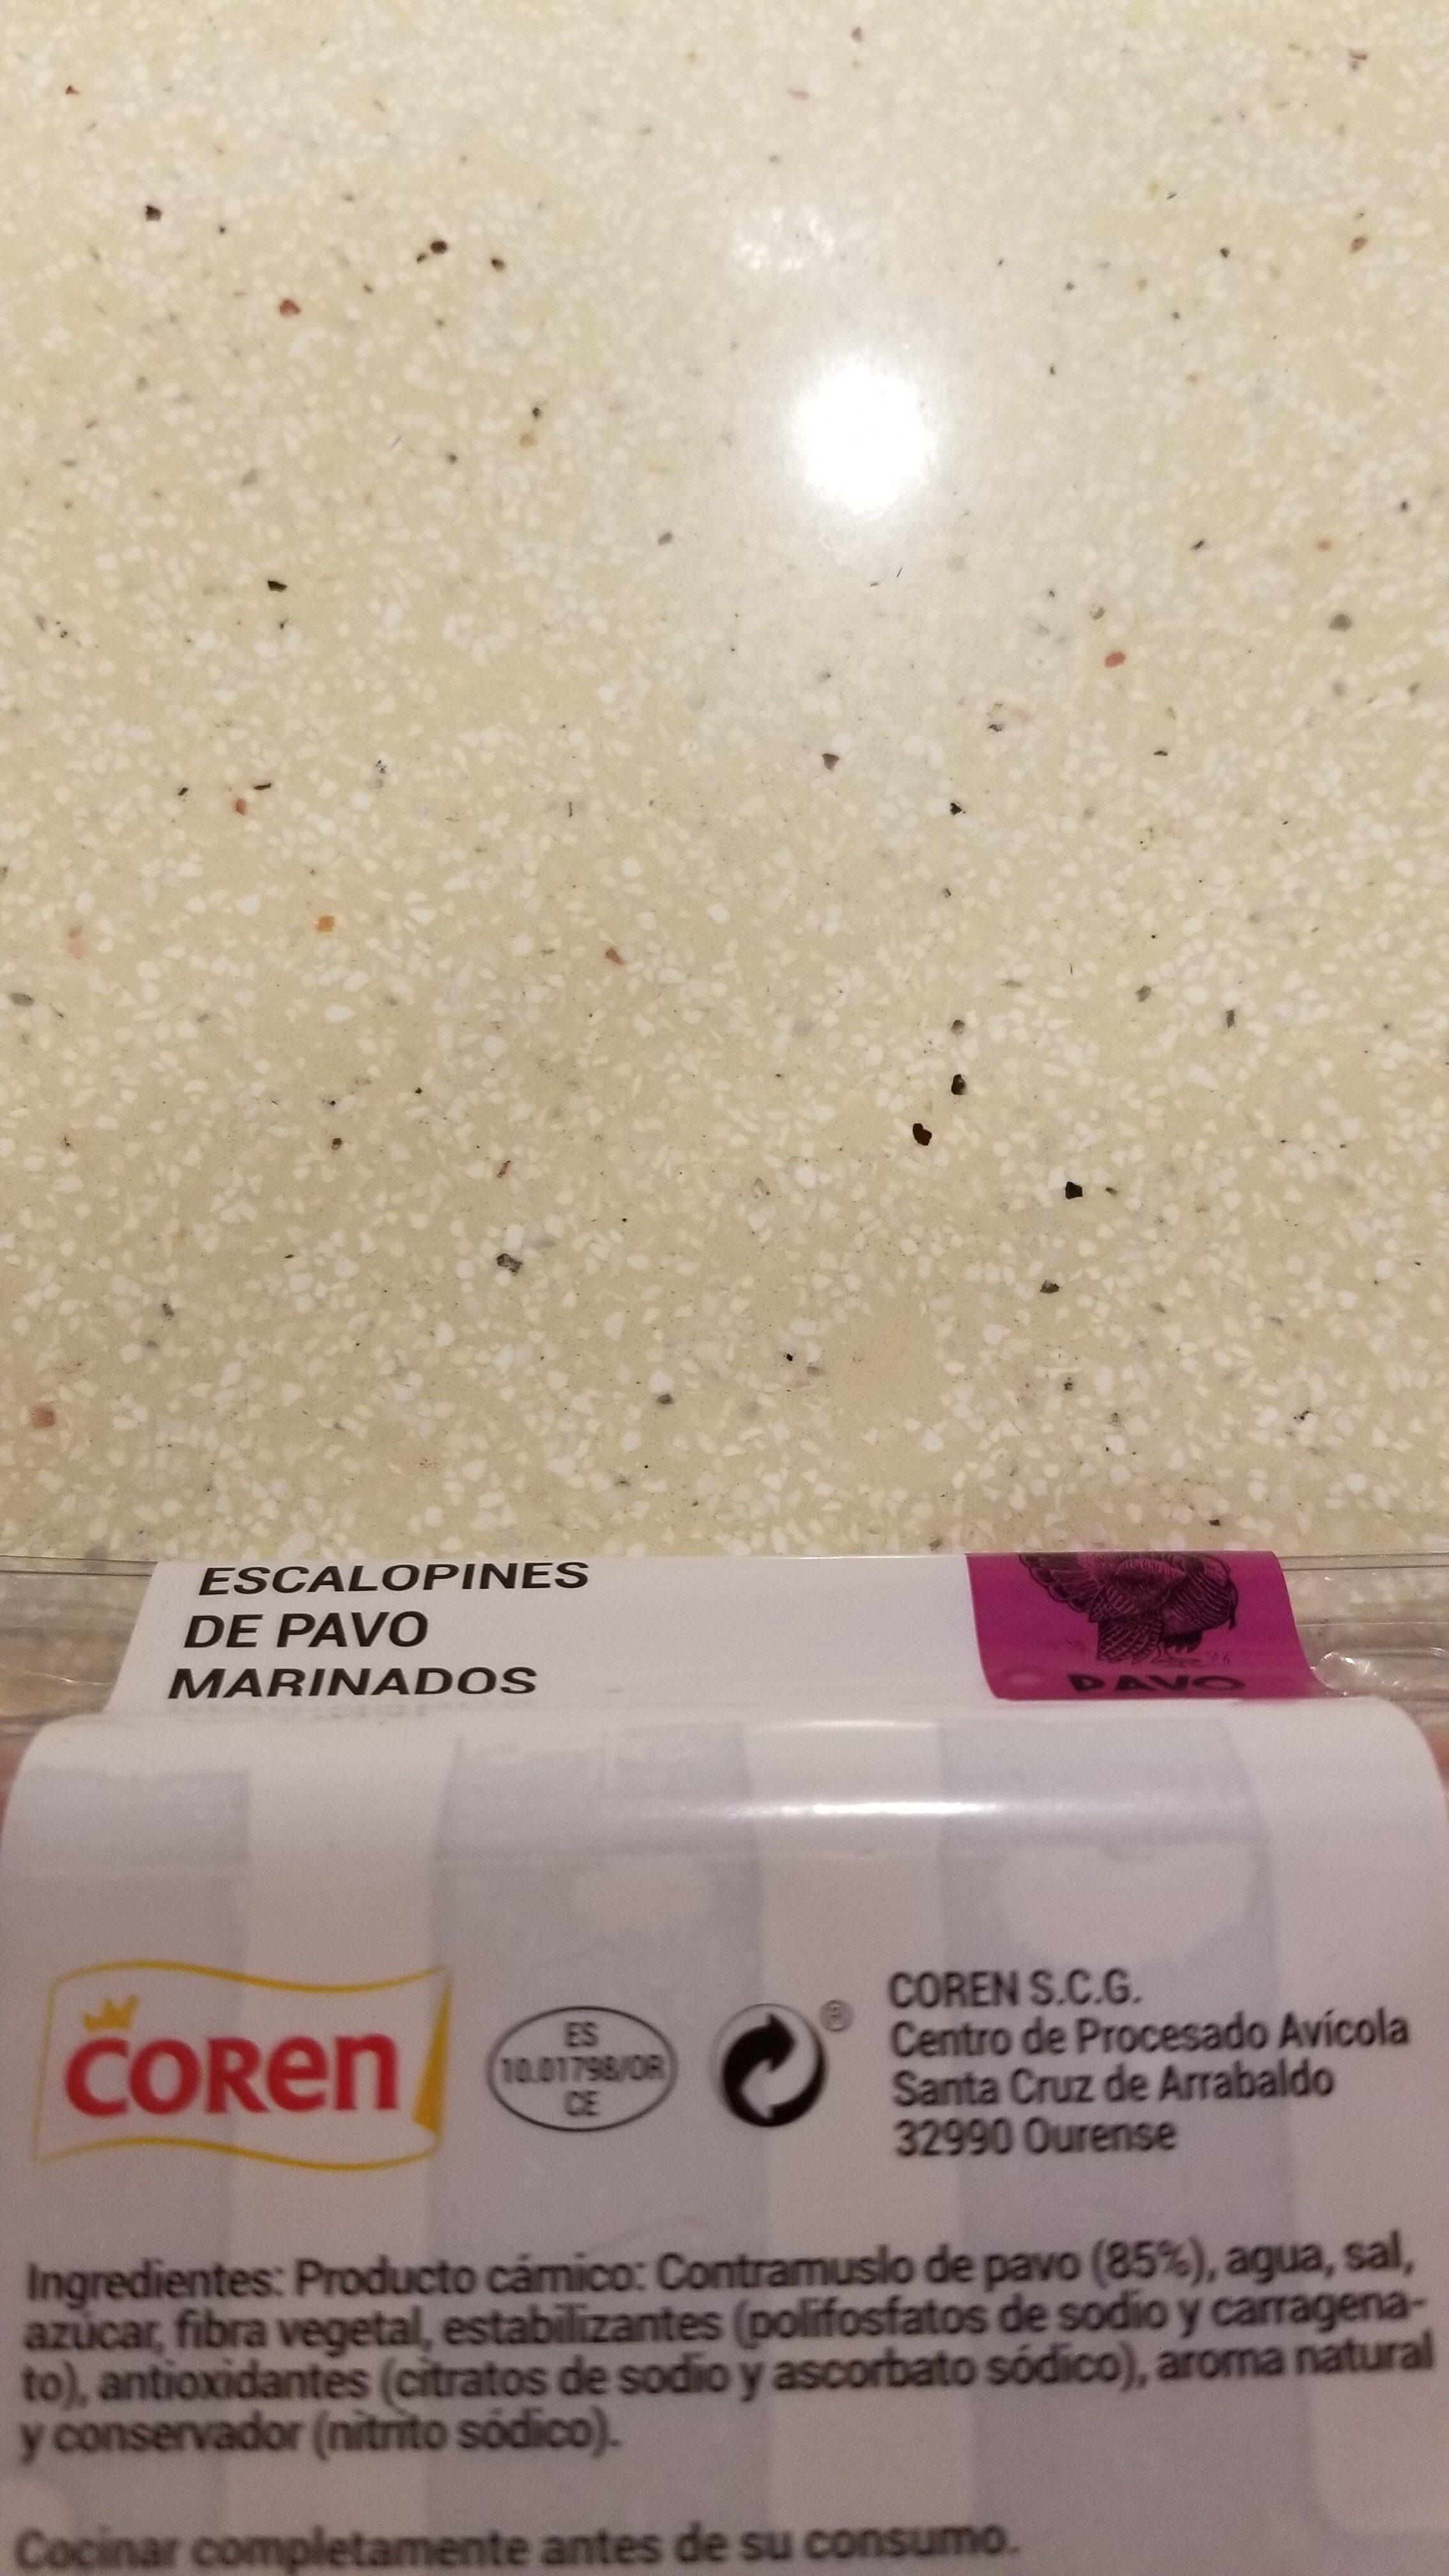 Escalopines de pavo marinado - Ingredients